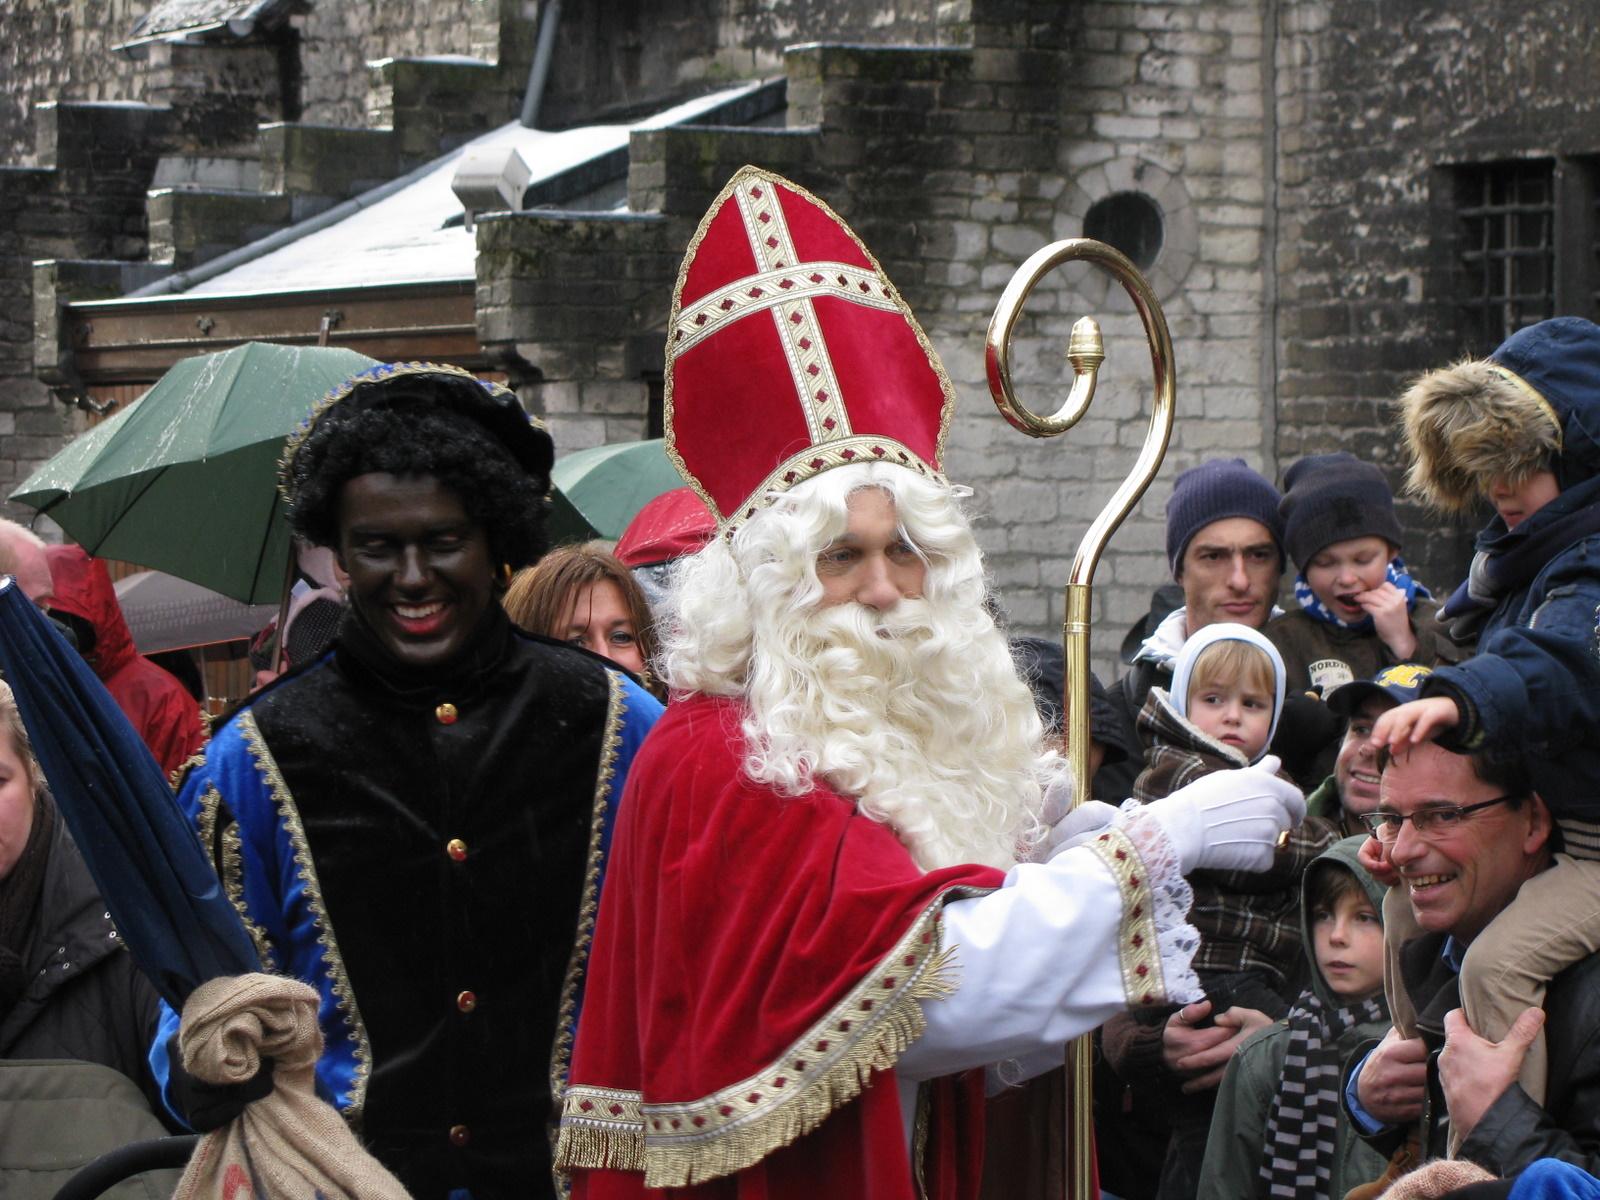 Sinterklaasfeest Wikipedia